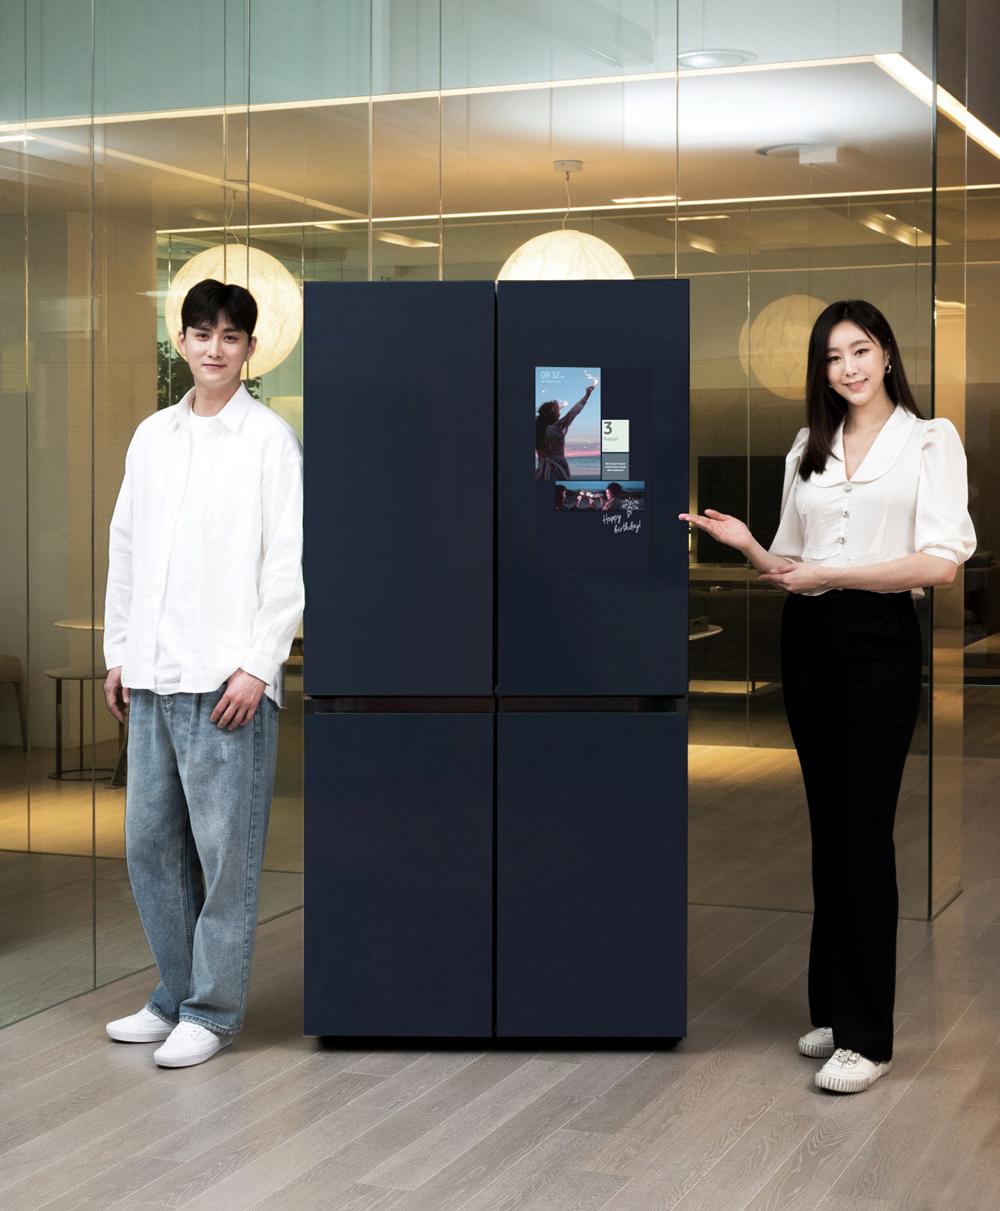 패밀리허브 비스포크 냉장고.jpg